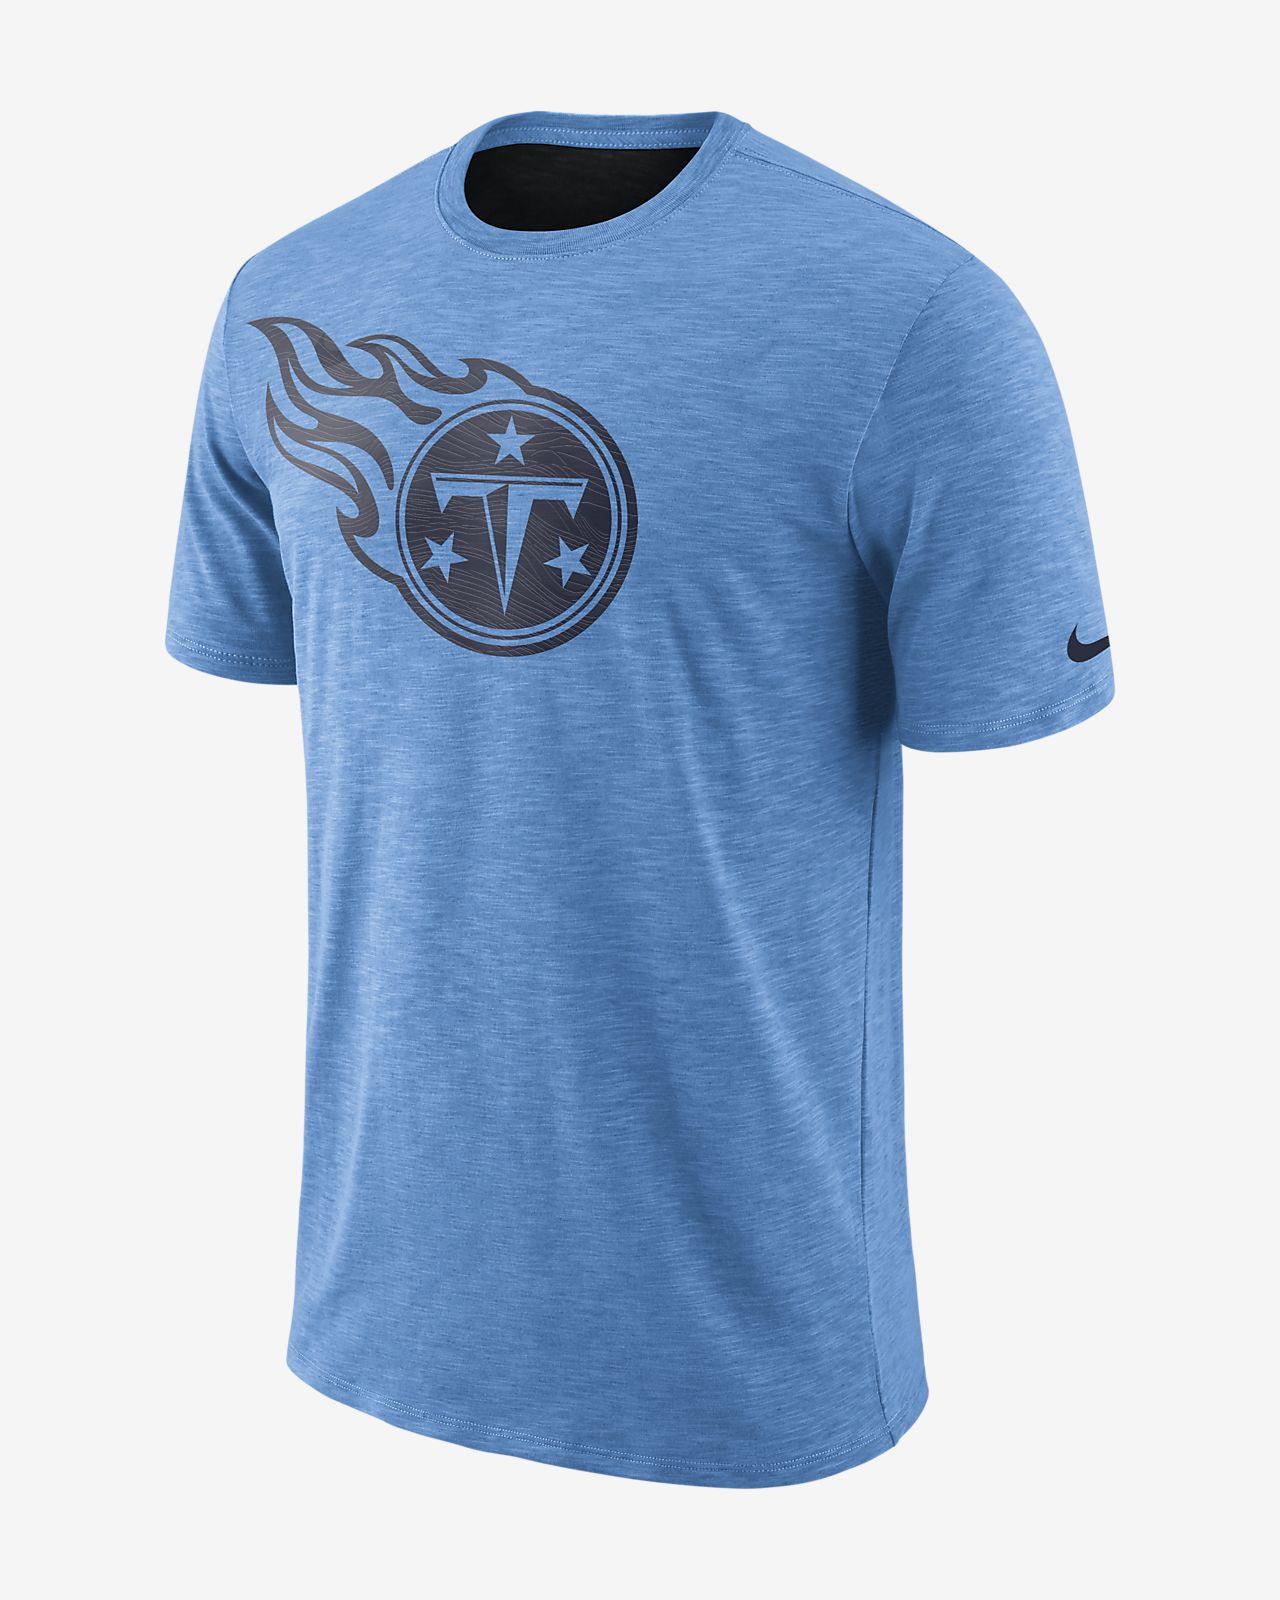 Nike Dri-FIT Legend On-Field (NFL Titans) Men's T-Shirt